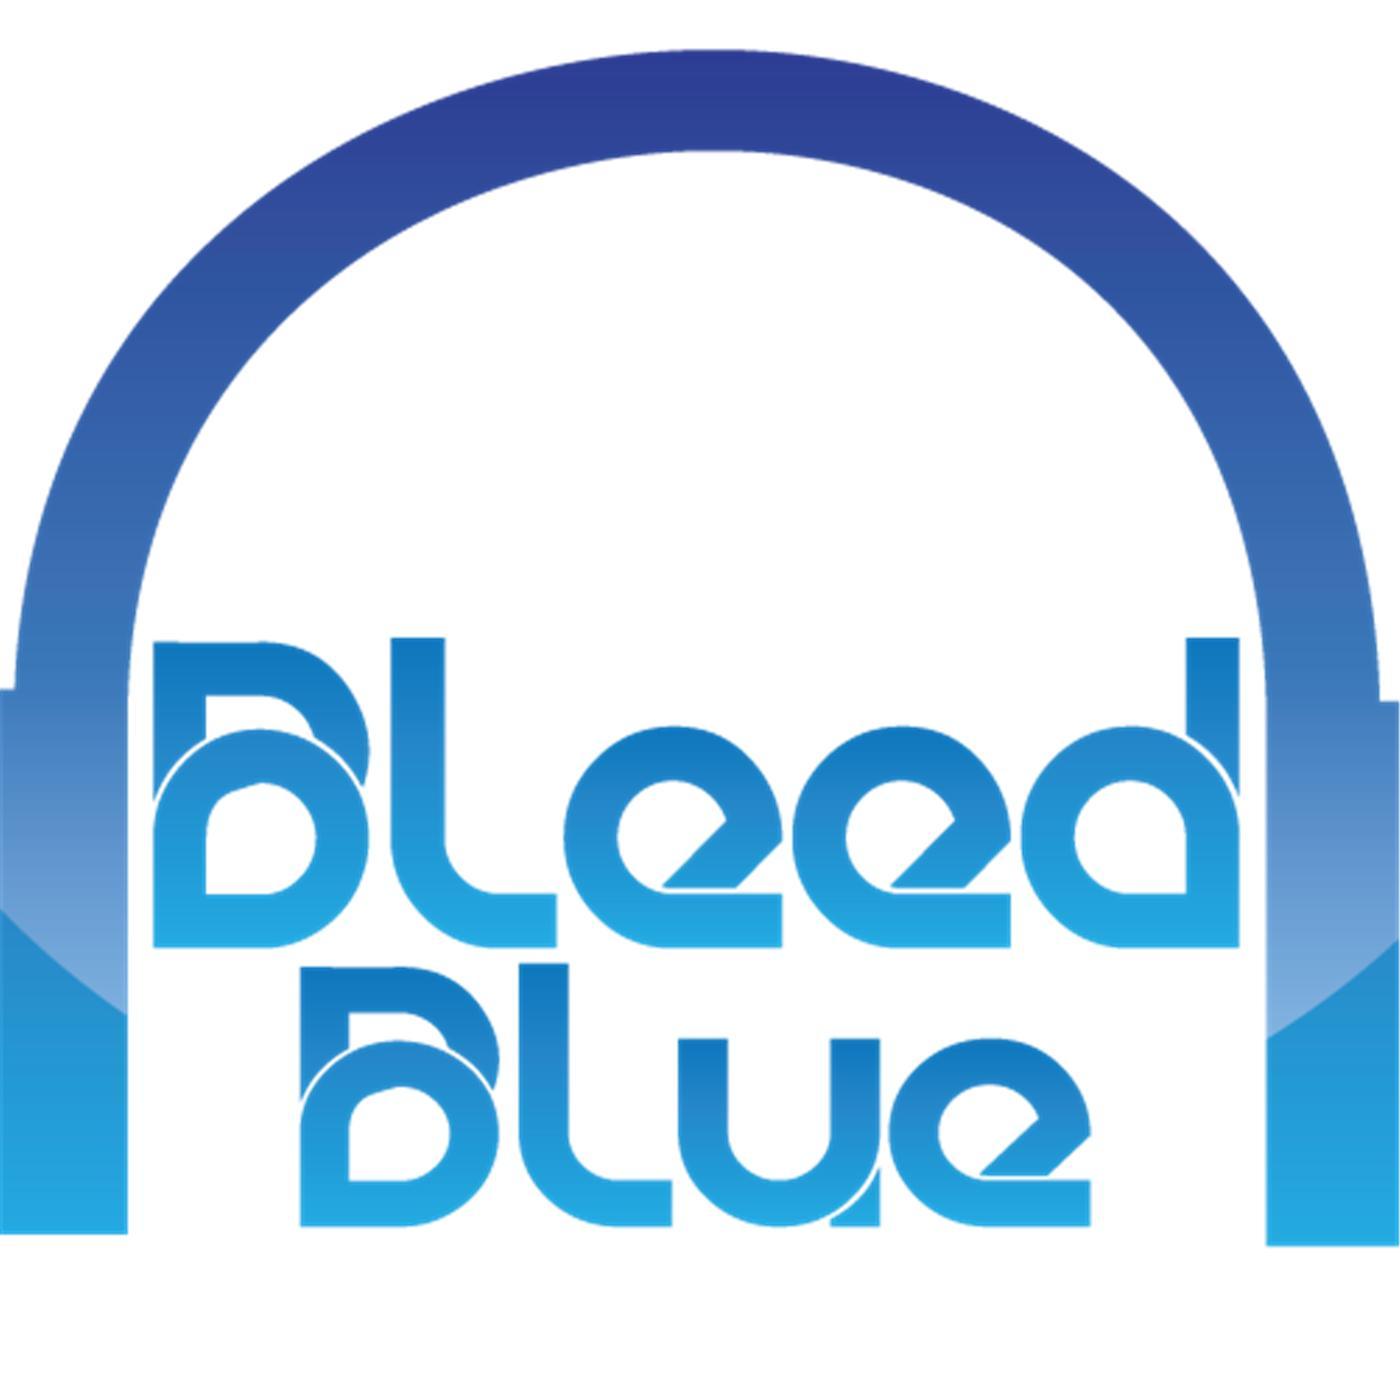 Bleed Blue Show